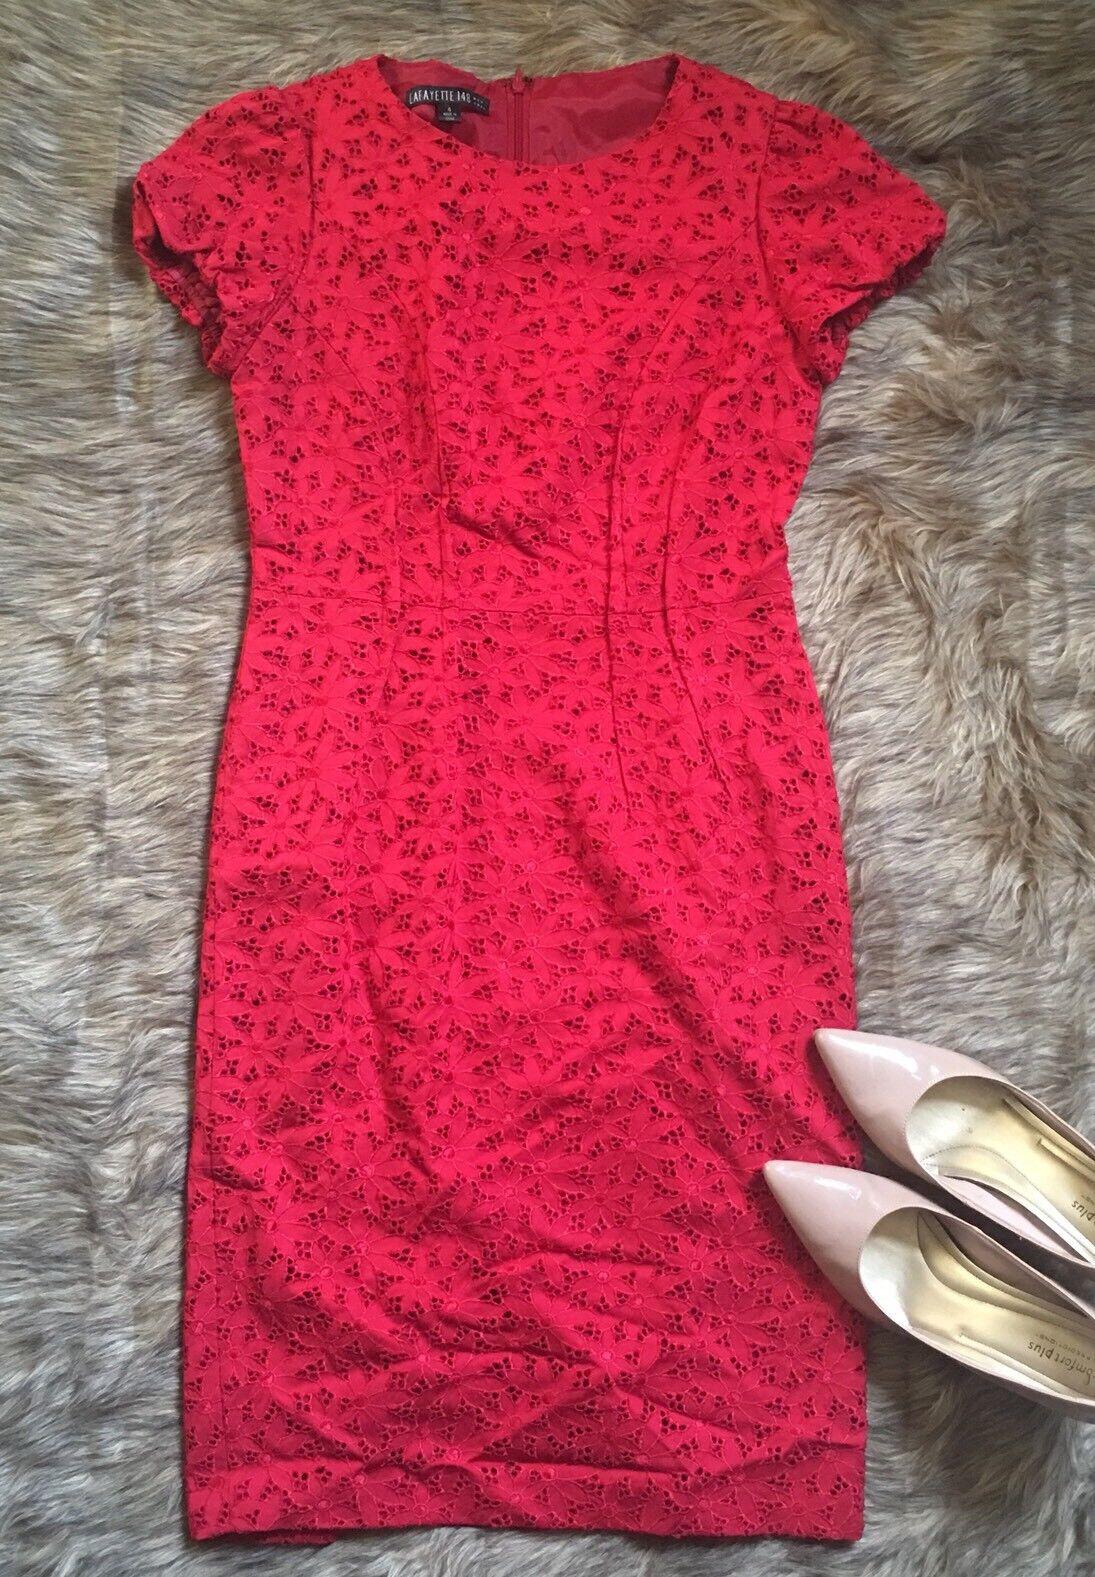 Lafayette 148 Women's Shift Dress Red Lace Wool Blend Cap Sleeve Size 4